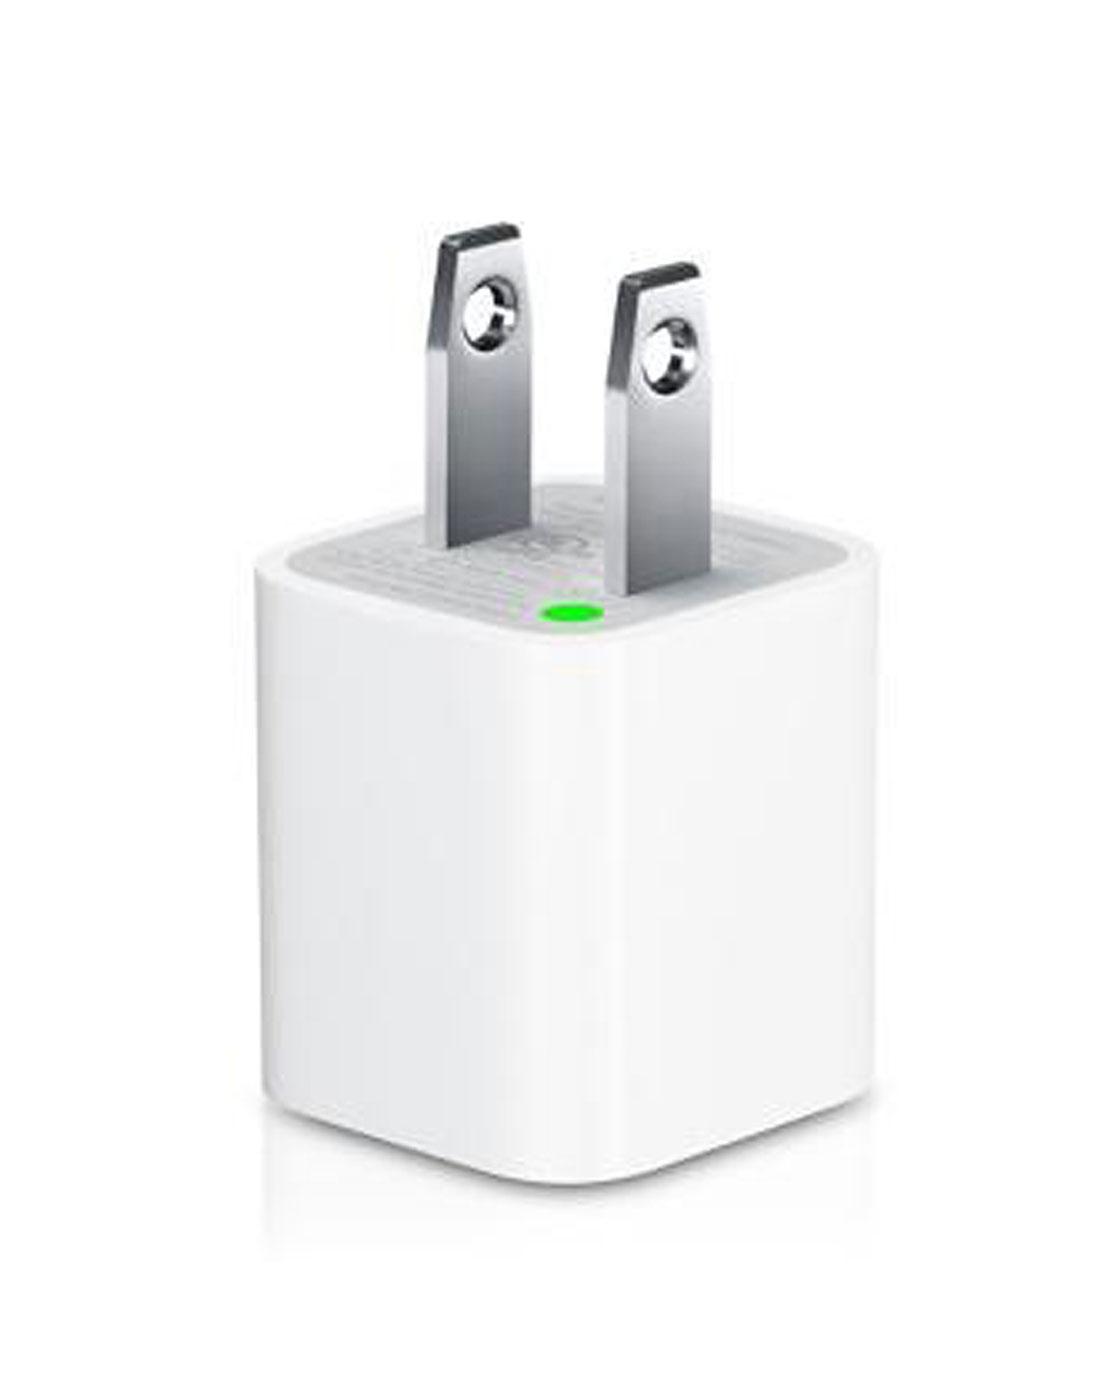 奇克摩克takefans苹果配件专场绿点充电器qkmkb009we